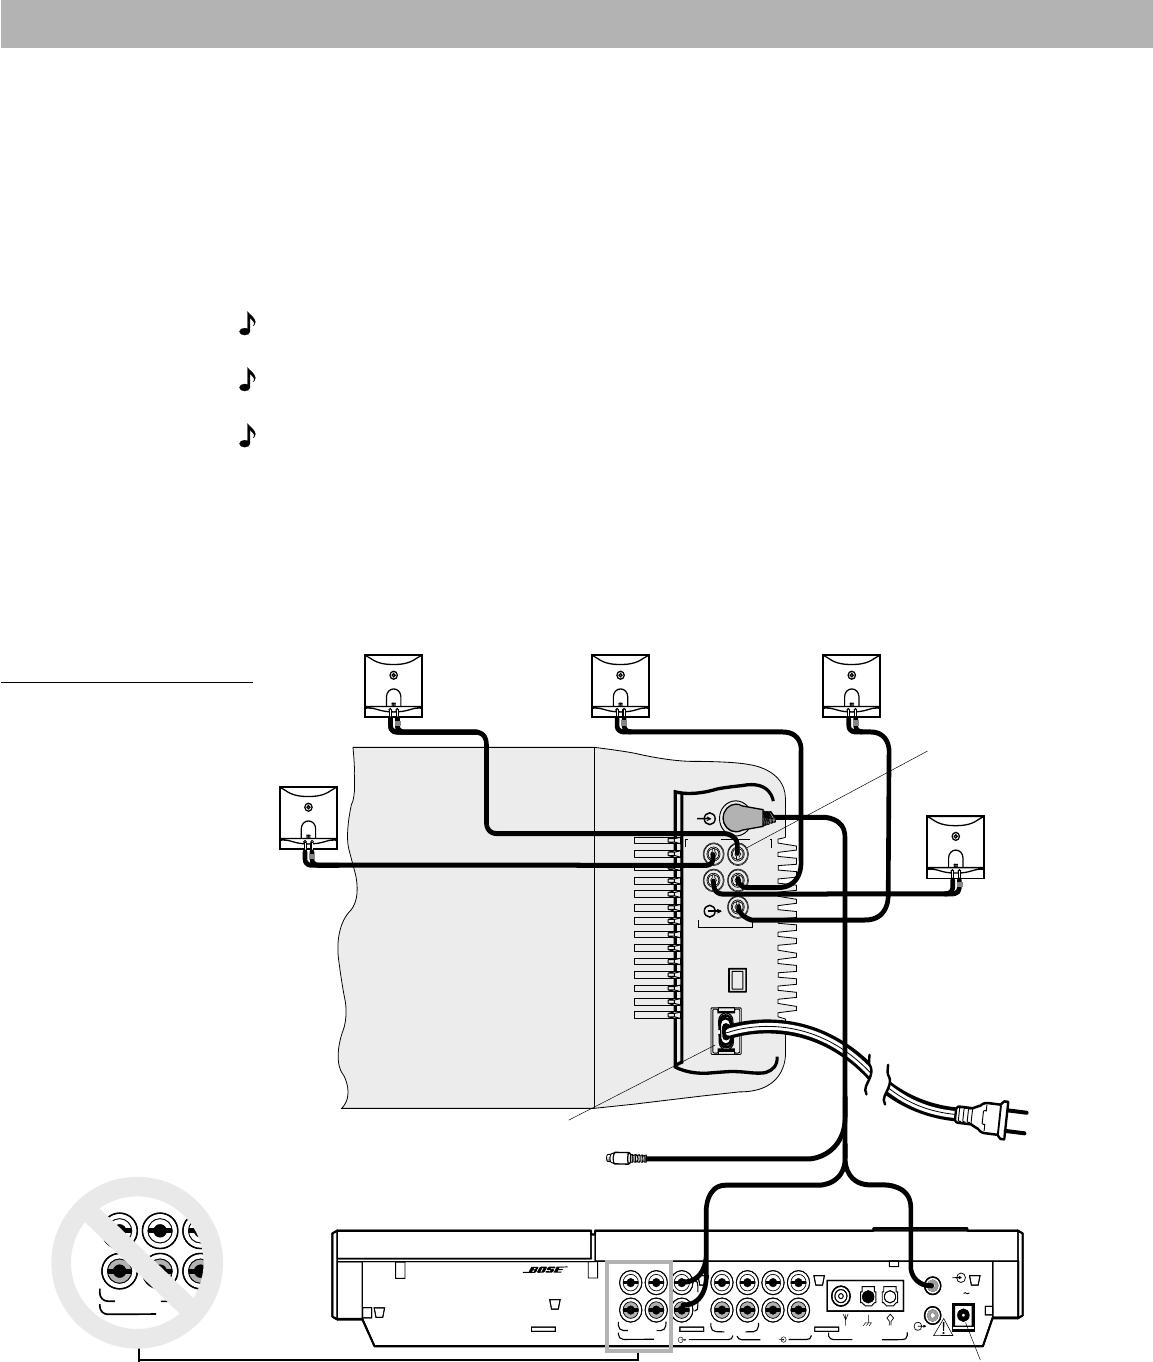 bose lifestyle 12 wiring diagram wiring diagram Bose Acoustimass Wiring-Diagram Gentex Homelink Wiring-Diagram